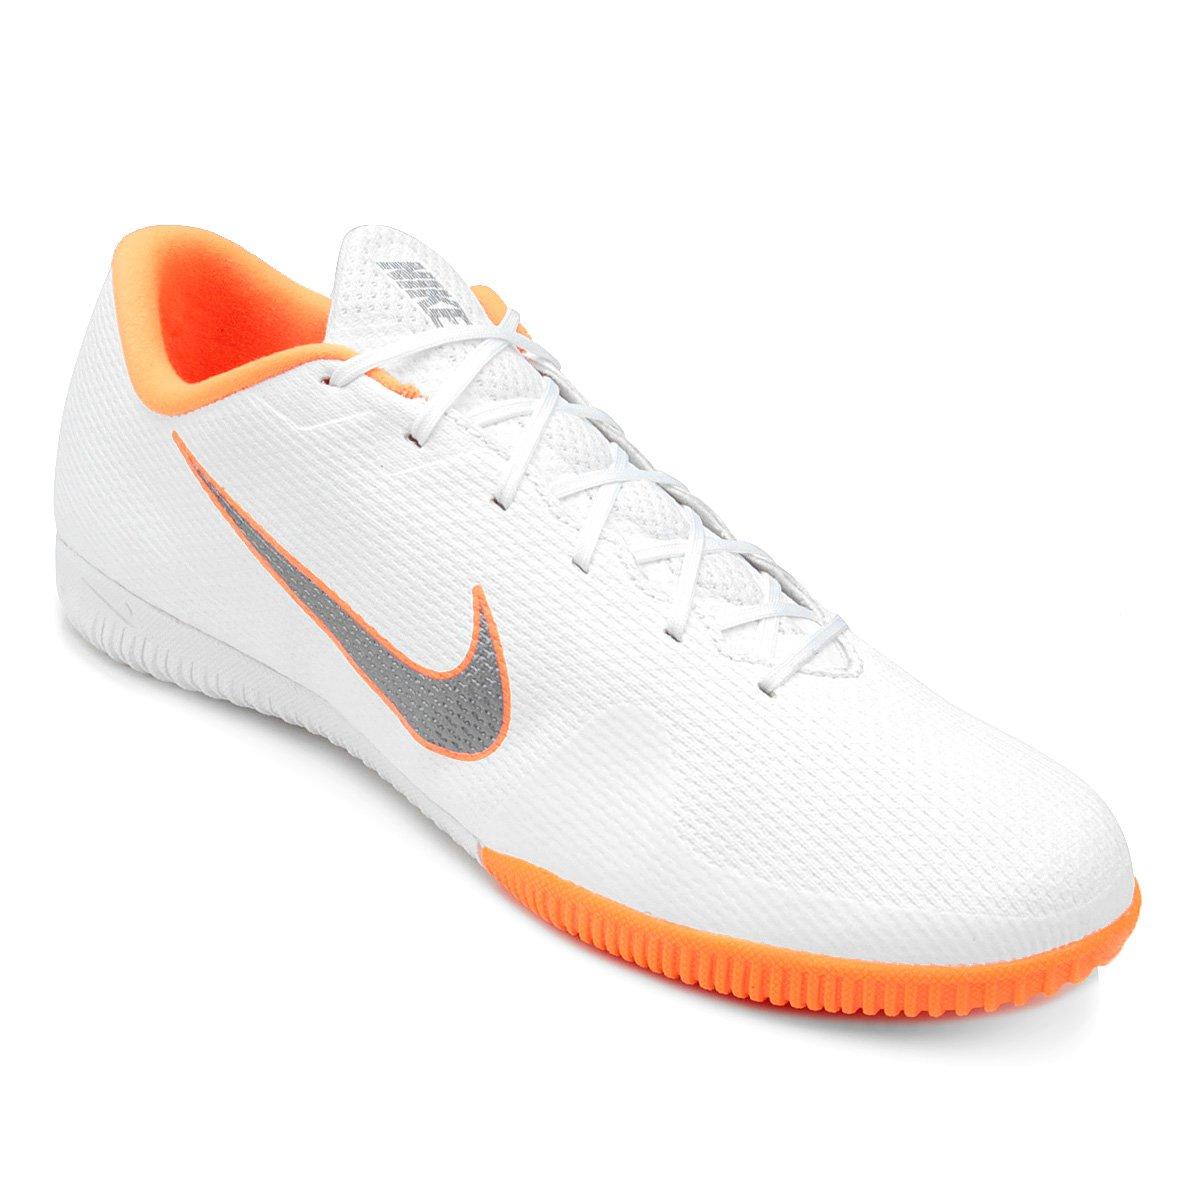 b36fc147d6369 Chuteira Futsal Nike Mercurial Vapor 12 Academy - Branco e Cinza - Compre  Agora